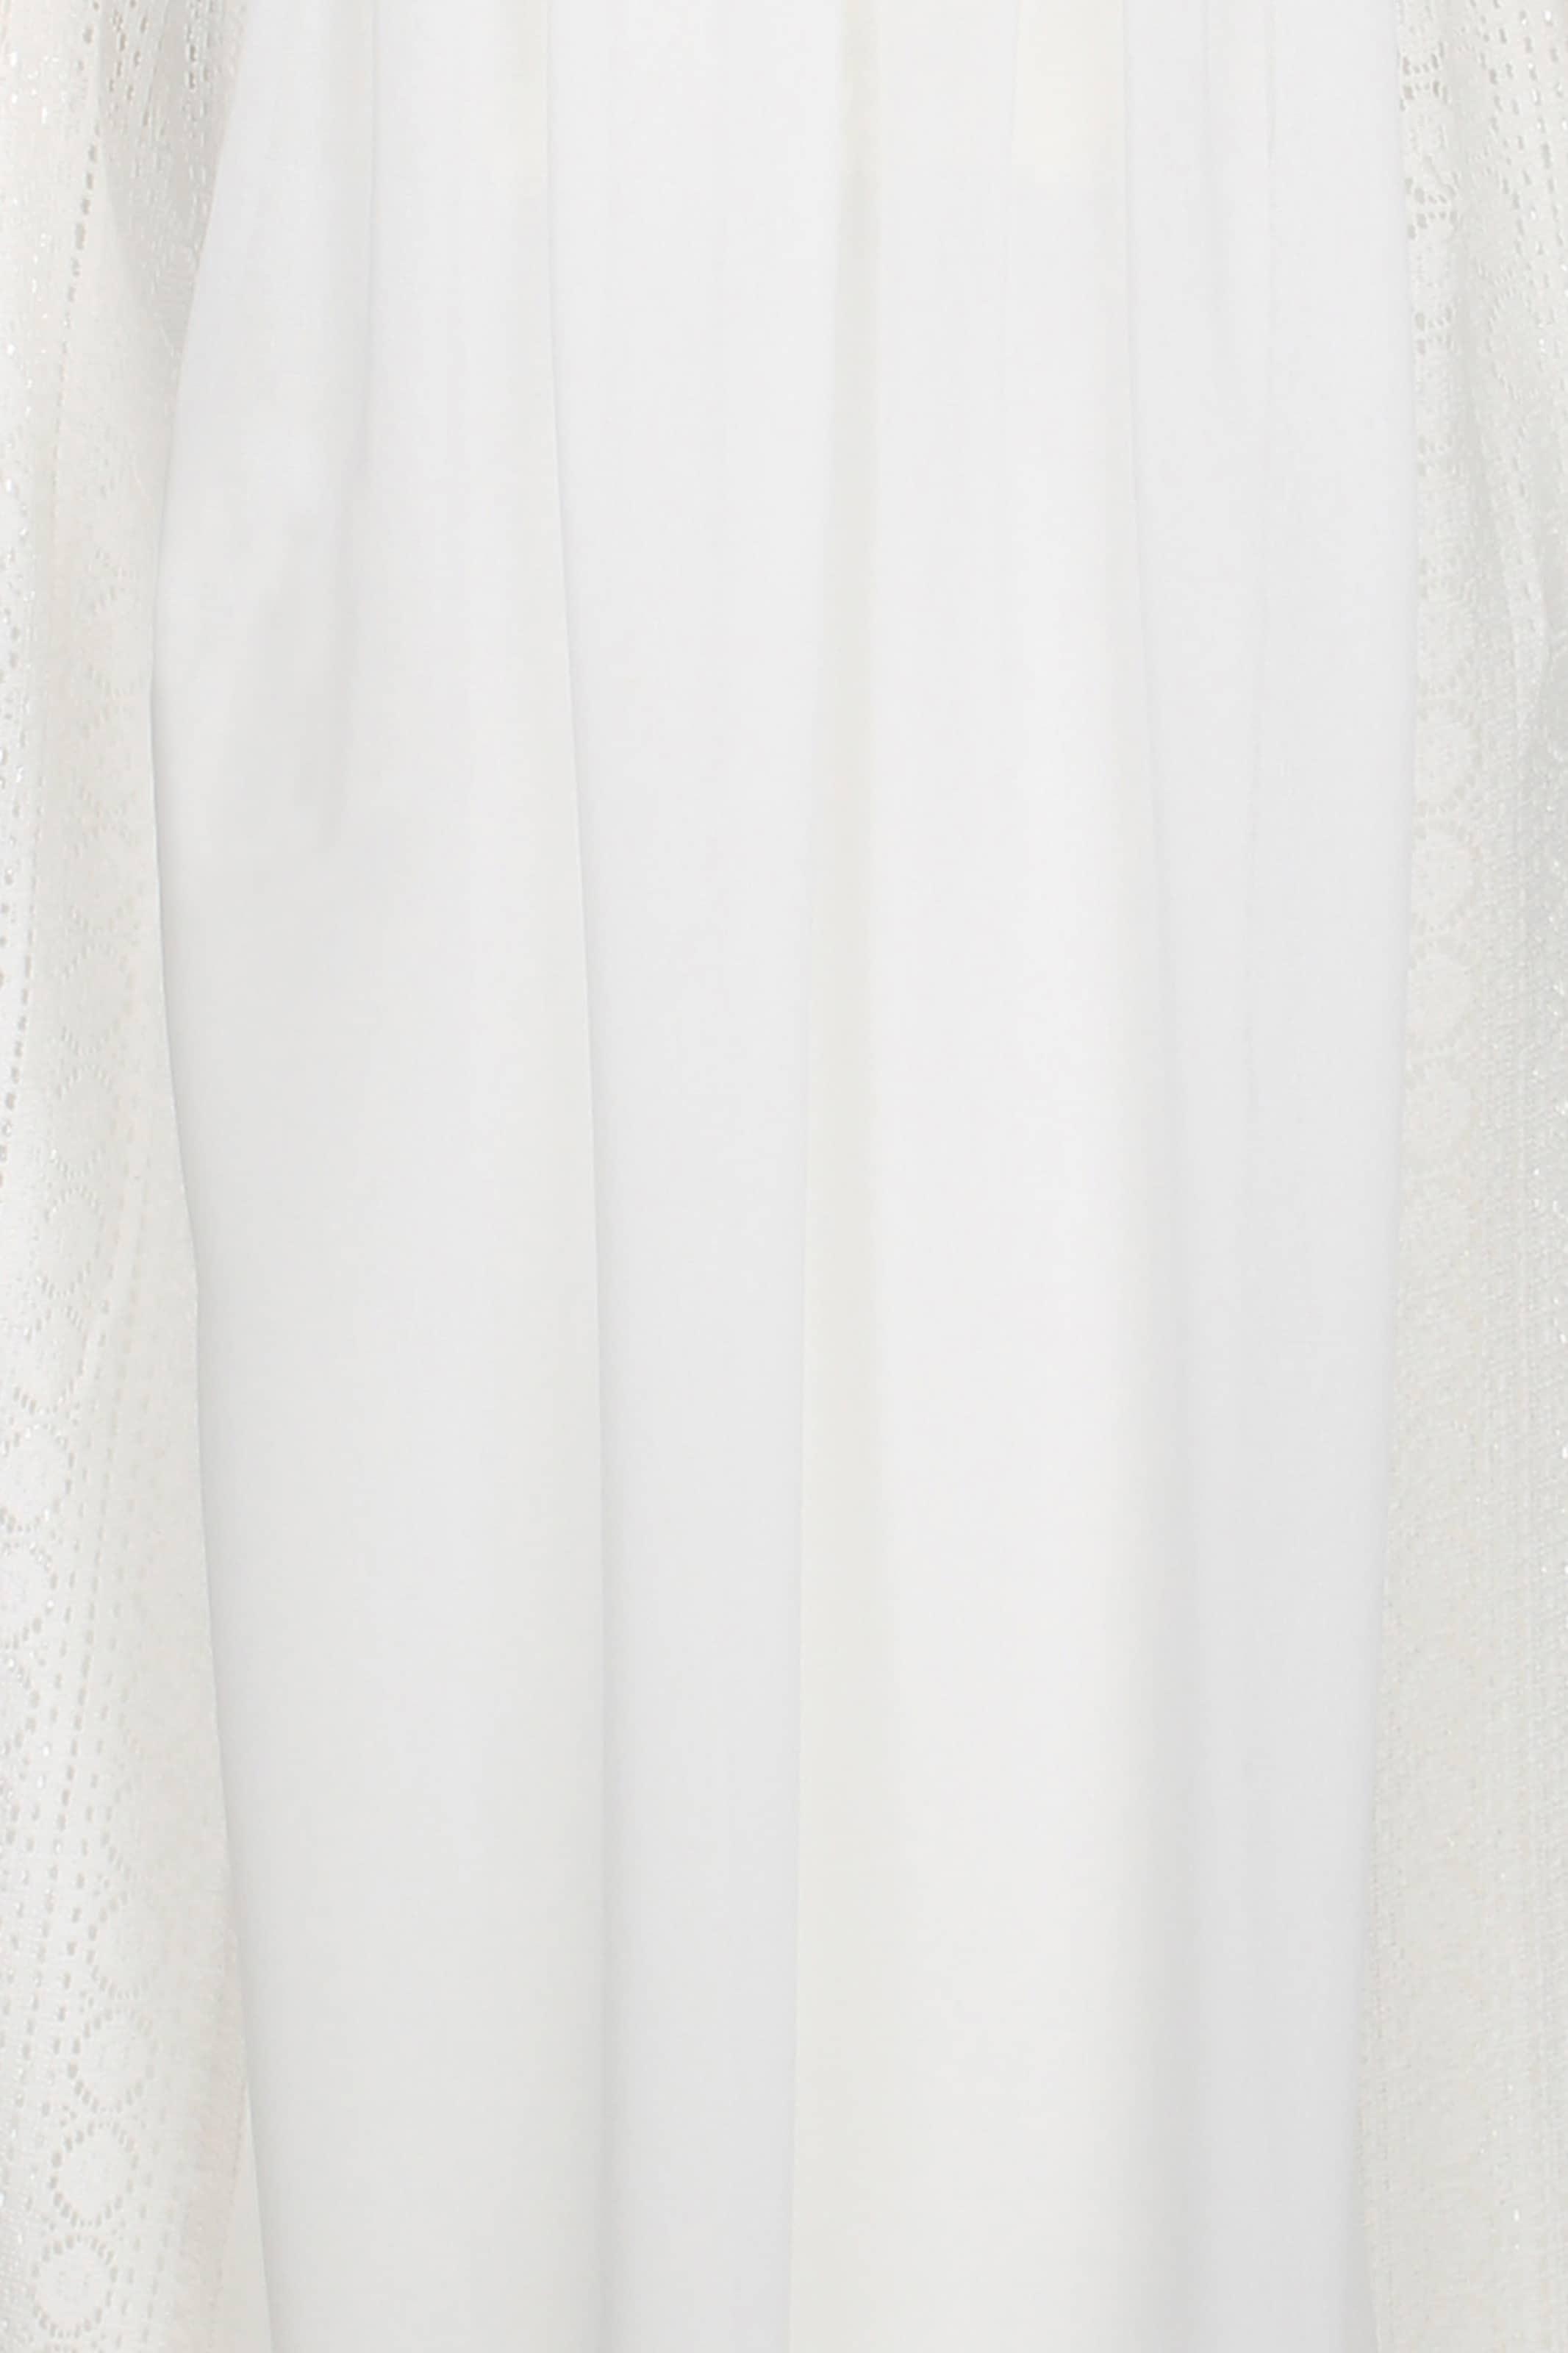 In In Kleid Weiß Kleid Usha Usha Weiß Kleid Usha TJc13lKF